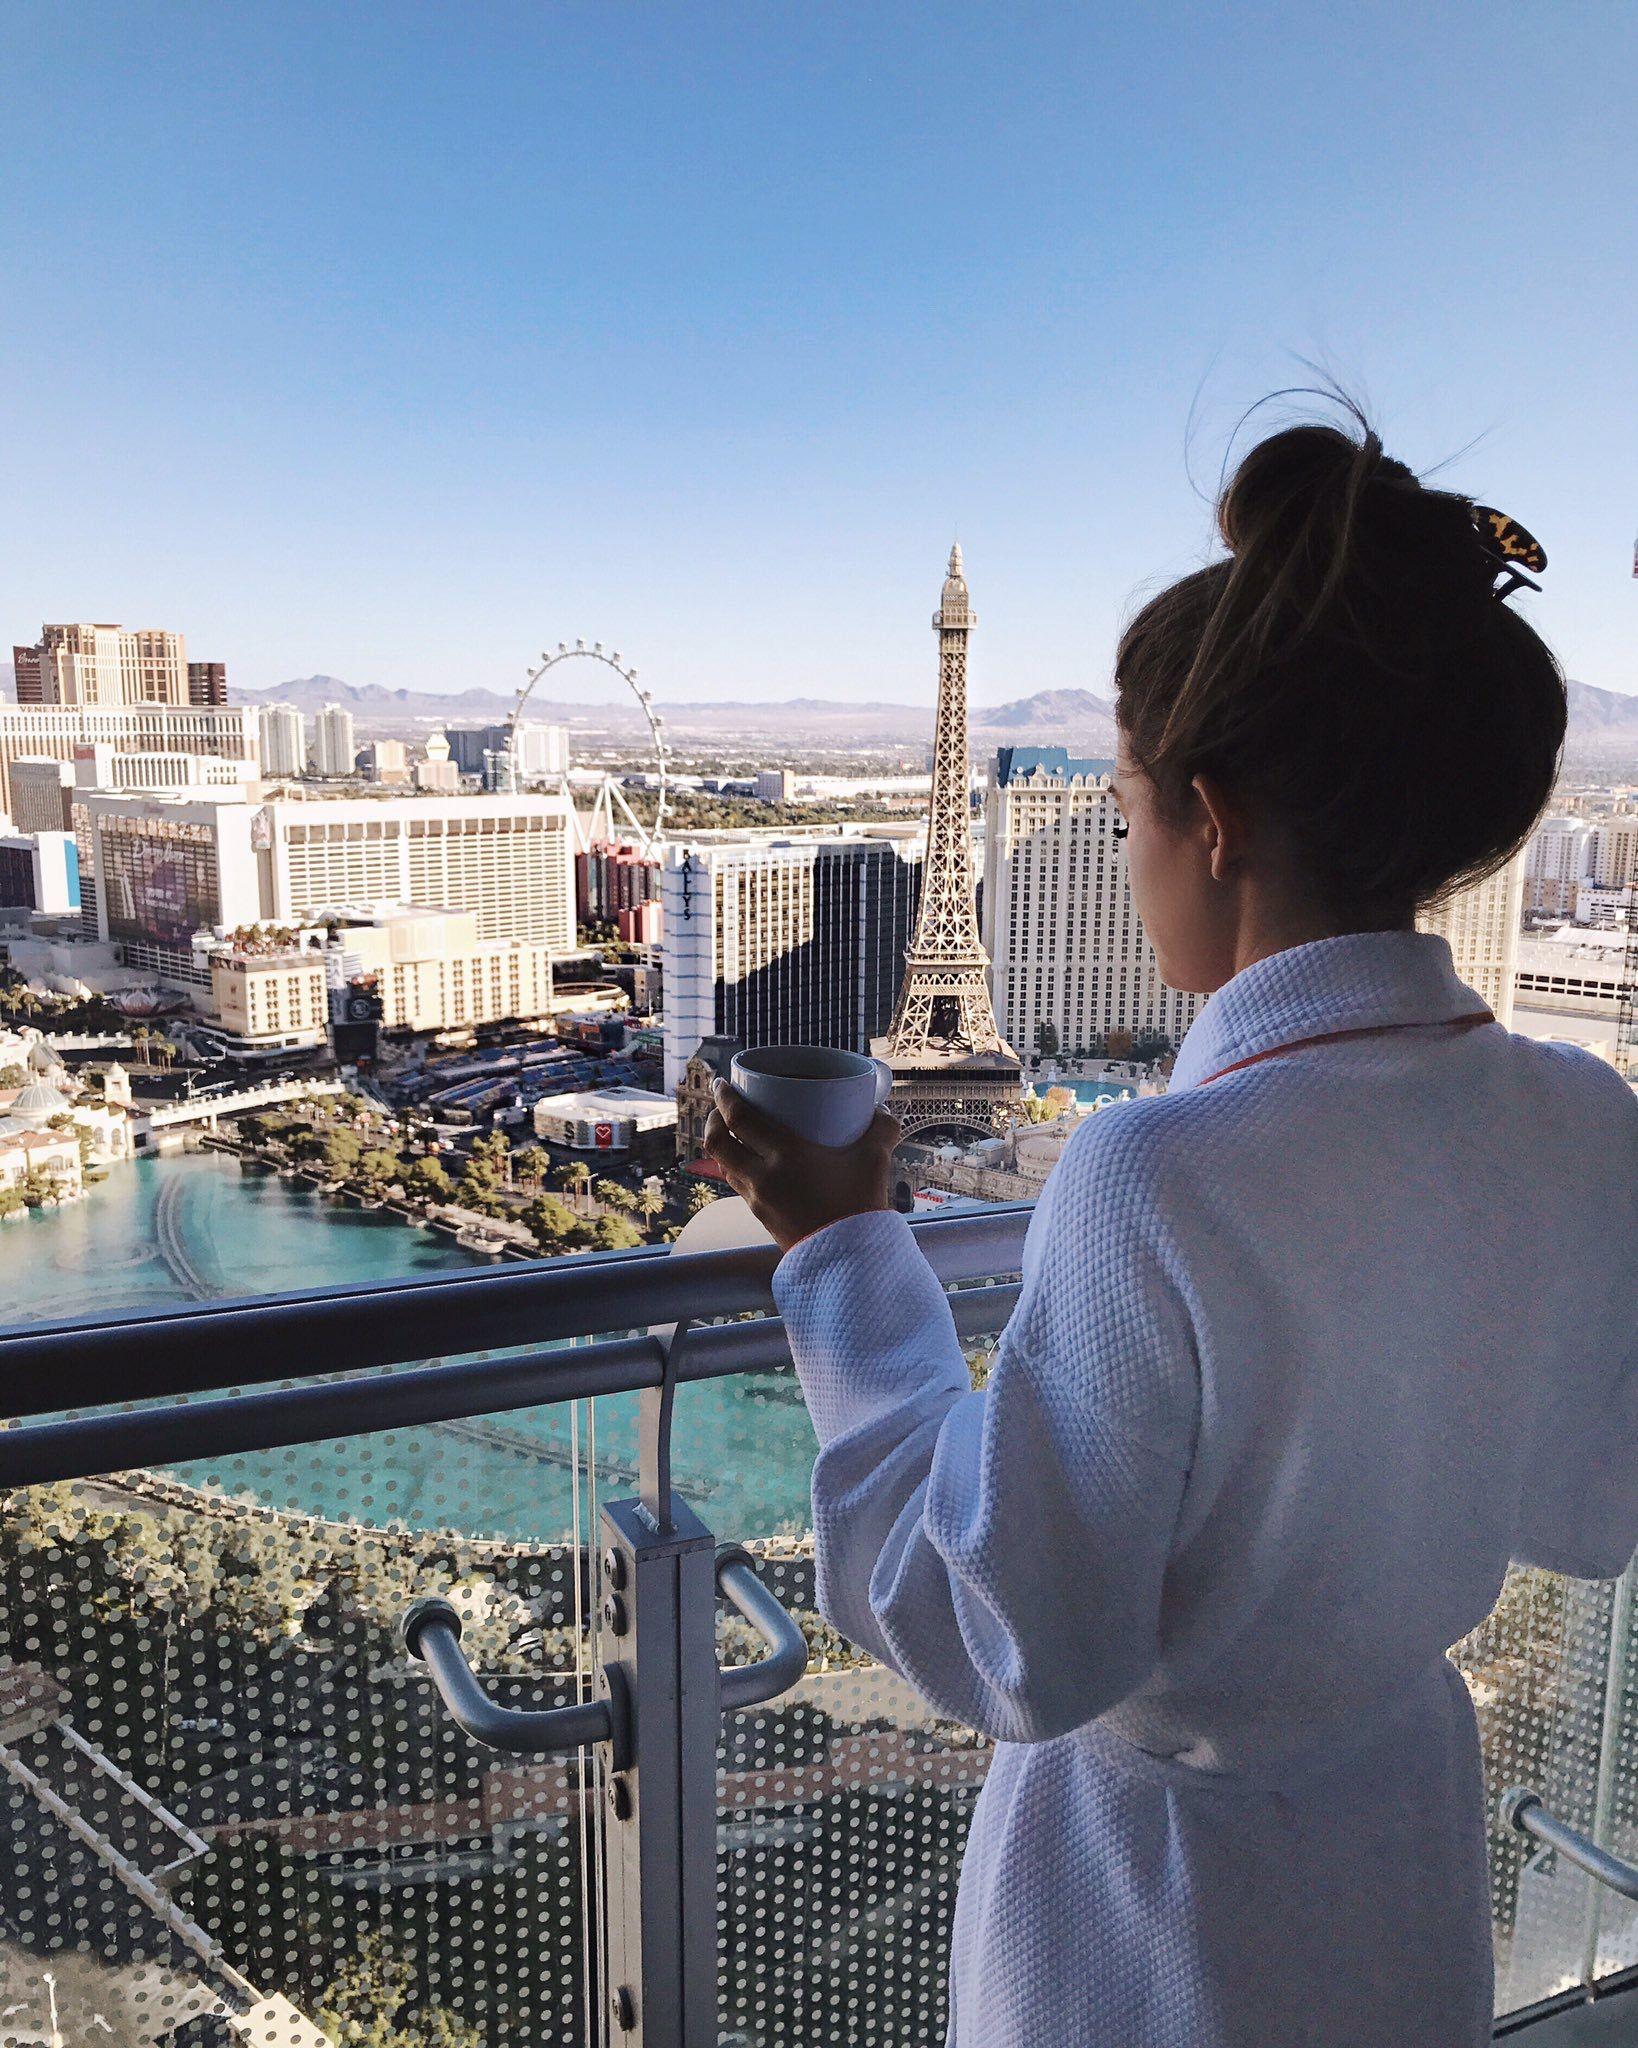 Life Lately Our Trip To Vegas: Travel, Las Vegas Trip, Luxury